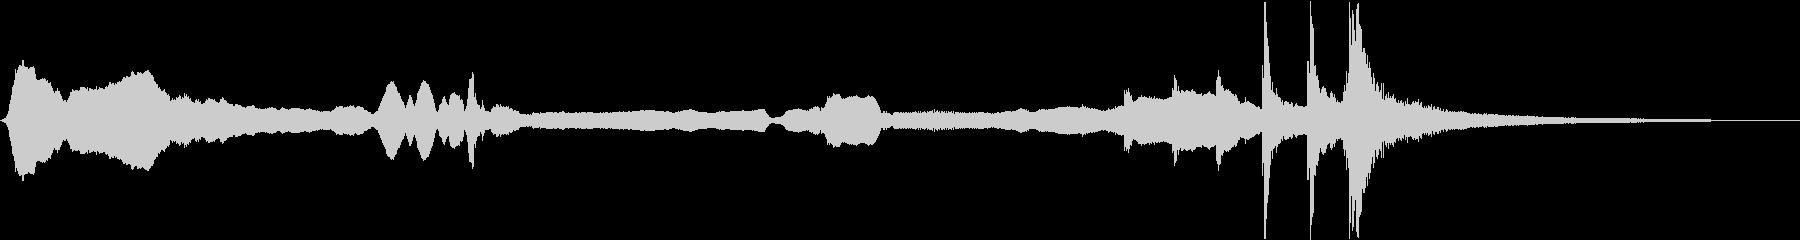 和風ジングル10秒(尺八、三味線等)の未再生の波形